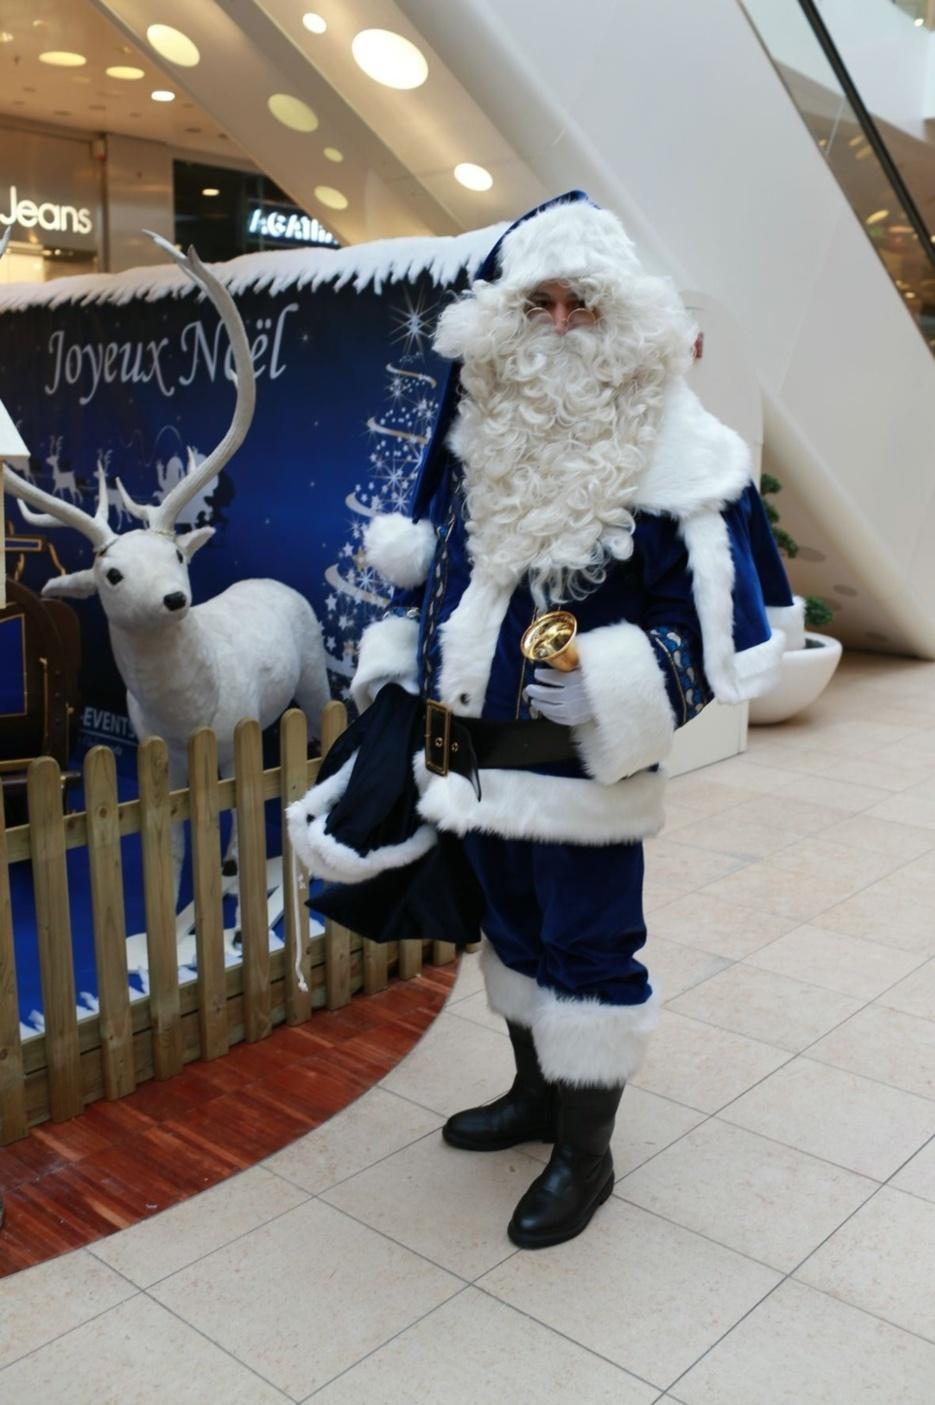 Un Noël bleu à Confluence imaginé par Prom Events (pour Pack Event Organisation)